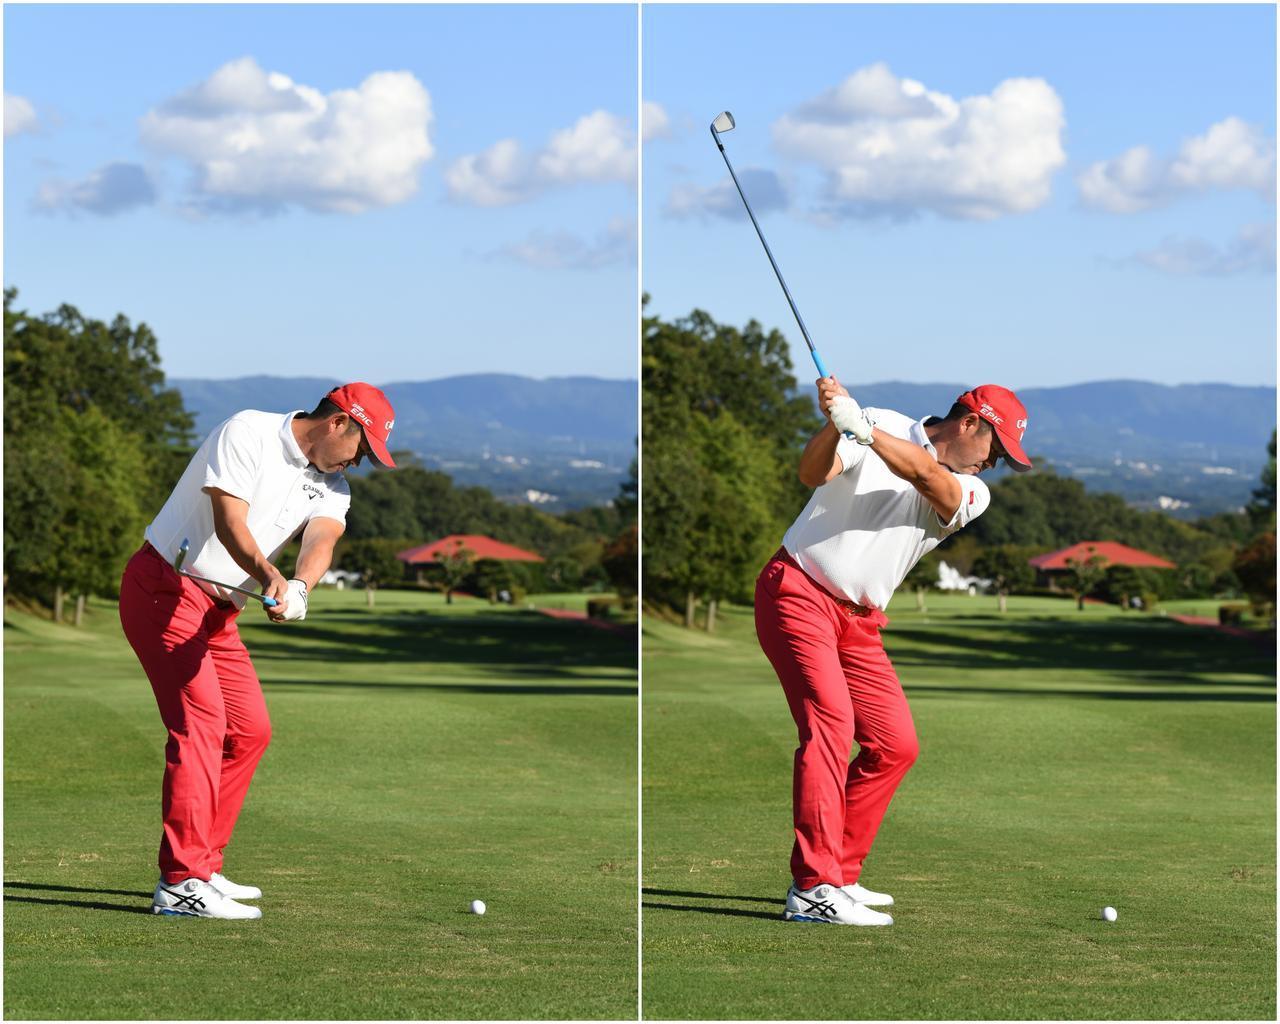 画像: 左足をヒールアップするぐらい右に体重を乗せる